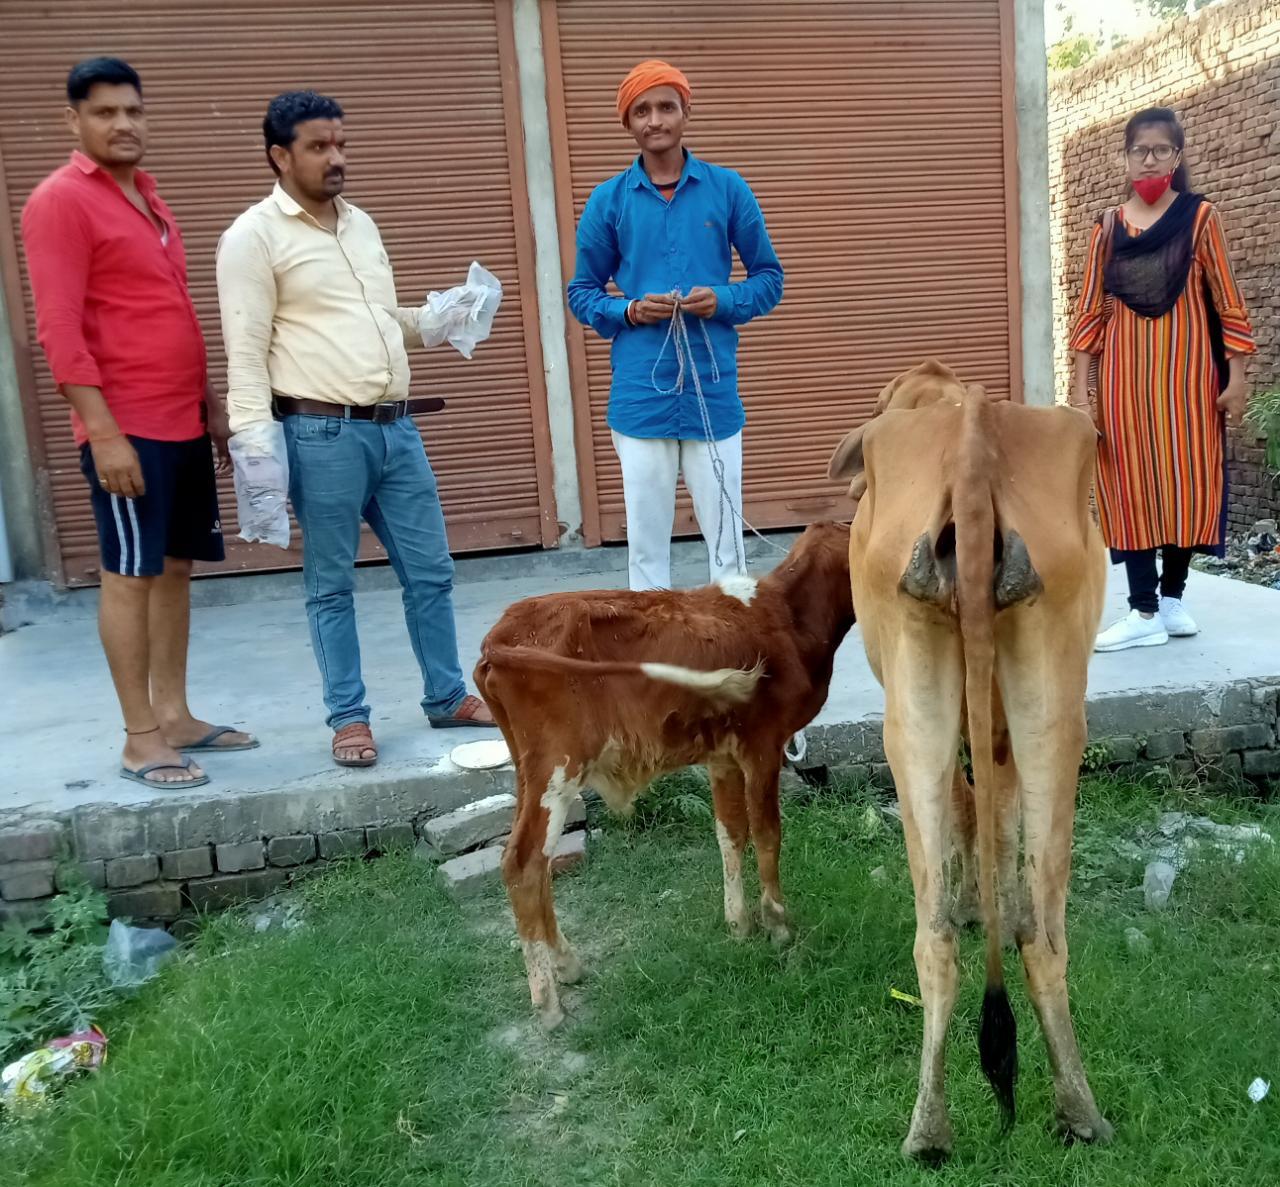 रवीन्द्र गुप्ता कमलापुरी व अध्यापिका पूजा शर्मा,ने छुट्टा जानवरों का इलाज करके पेश किया मानवता की मिसाल